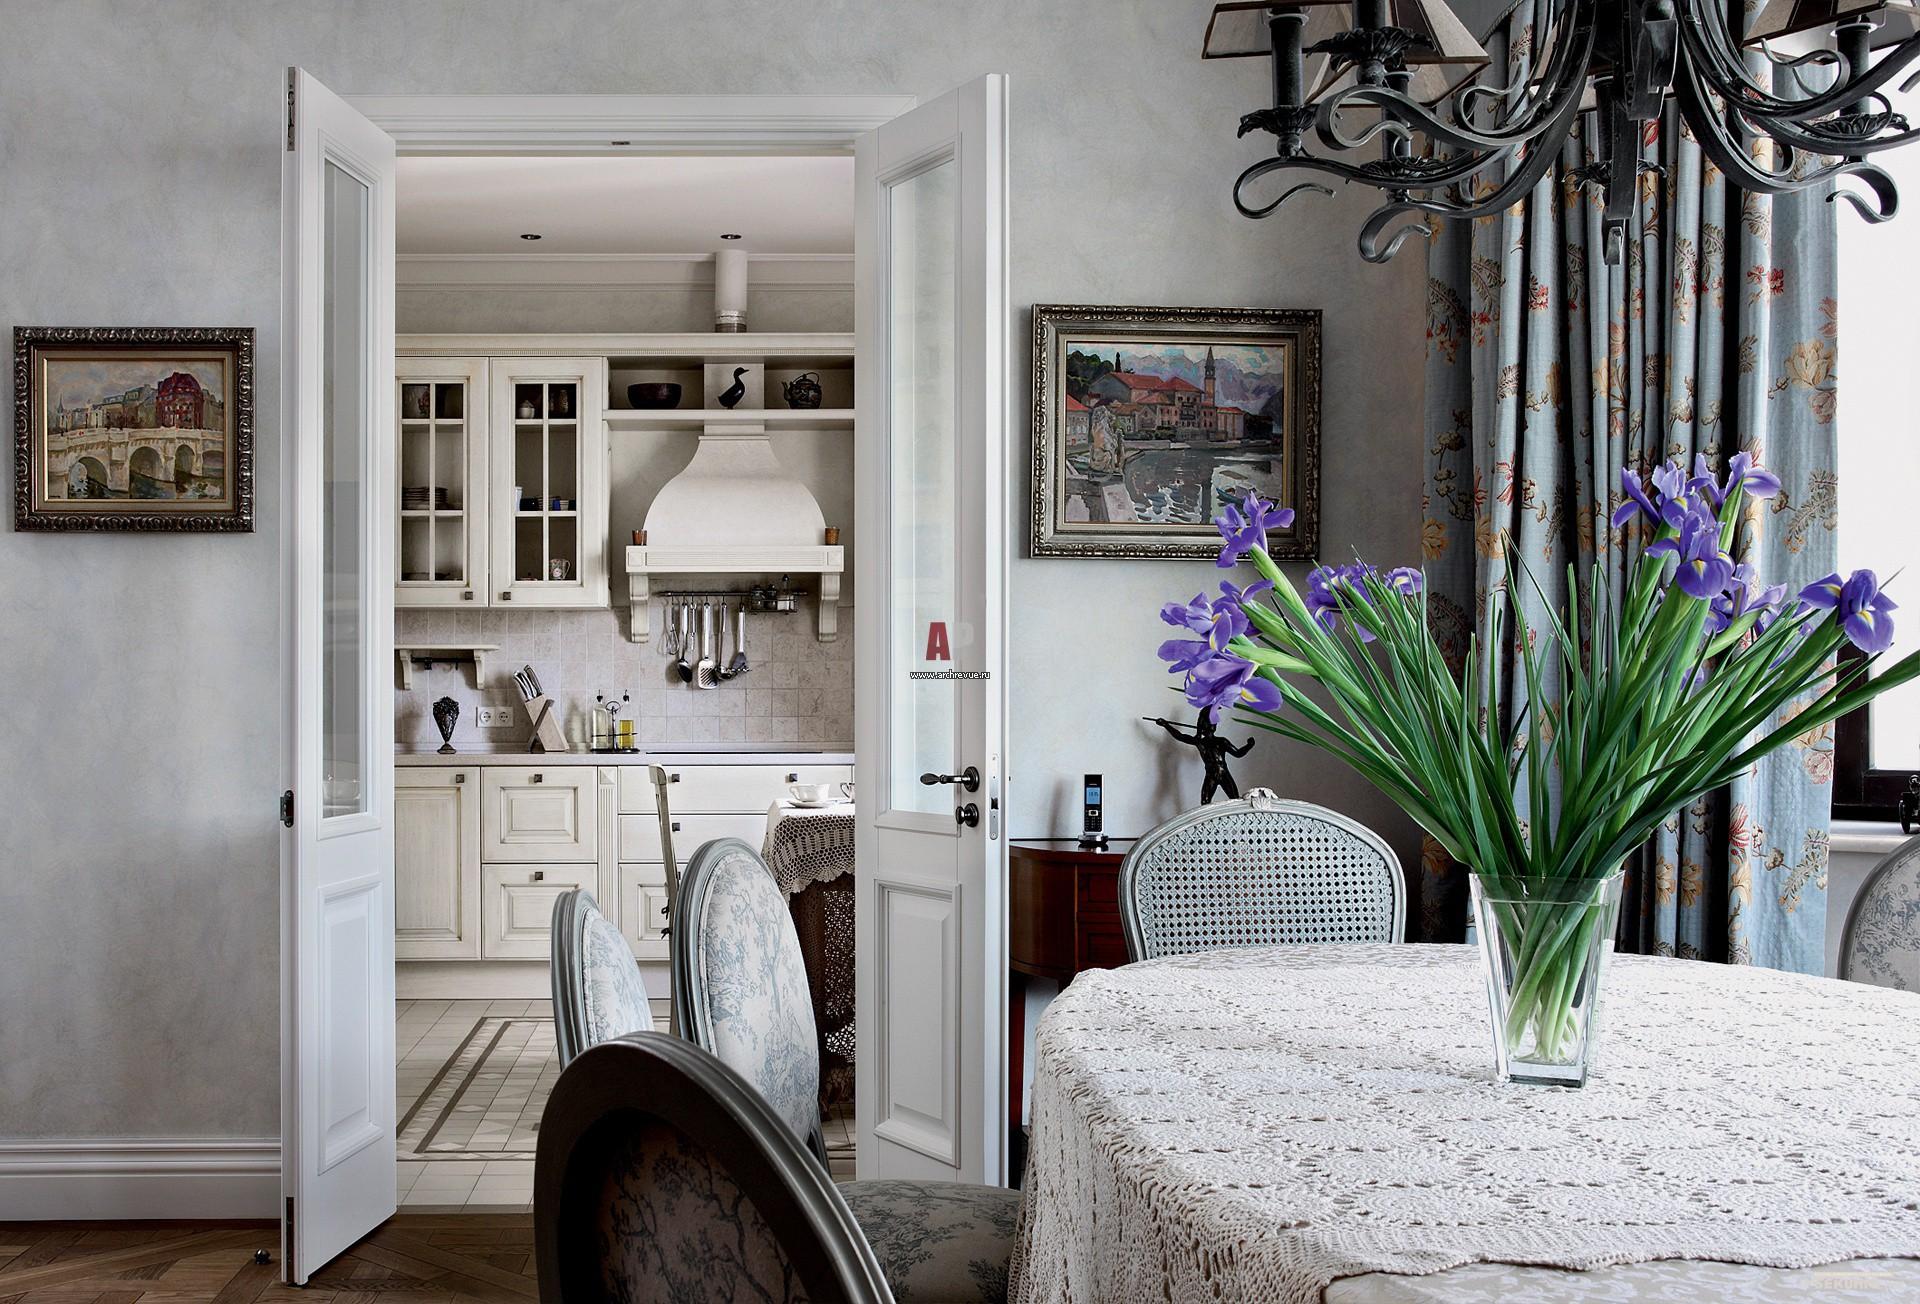 выбираем двери для кухни что главное практичность или дизайн